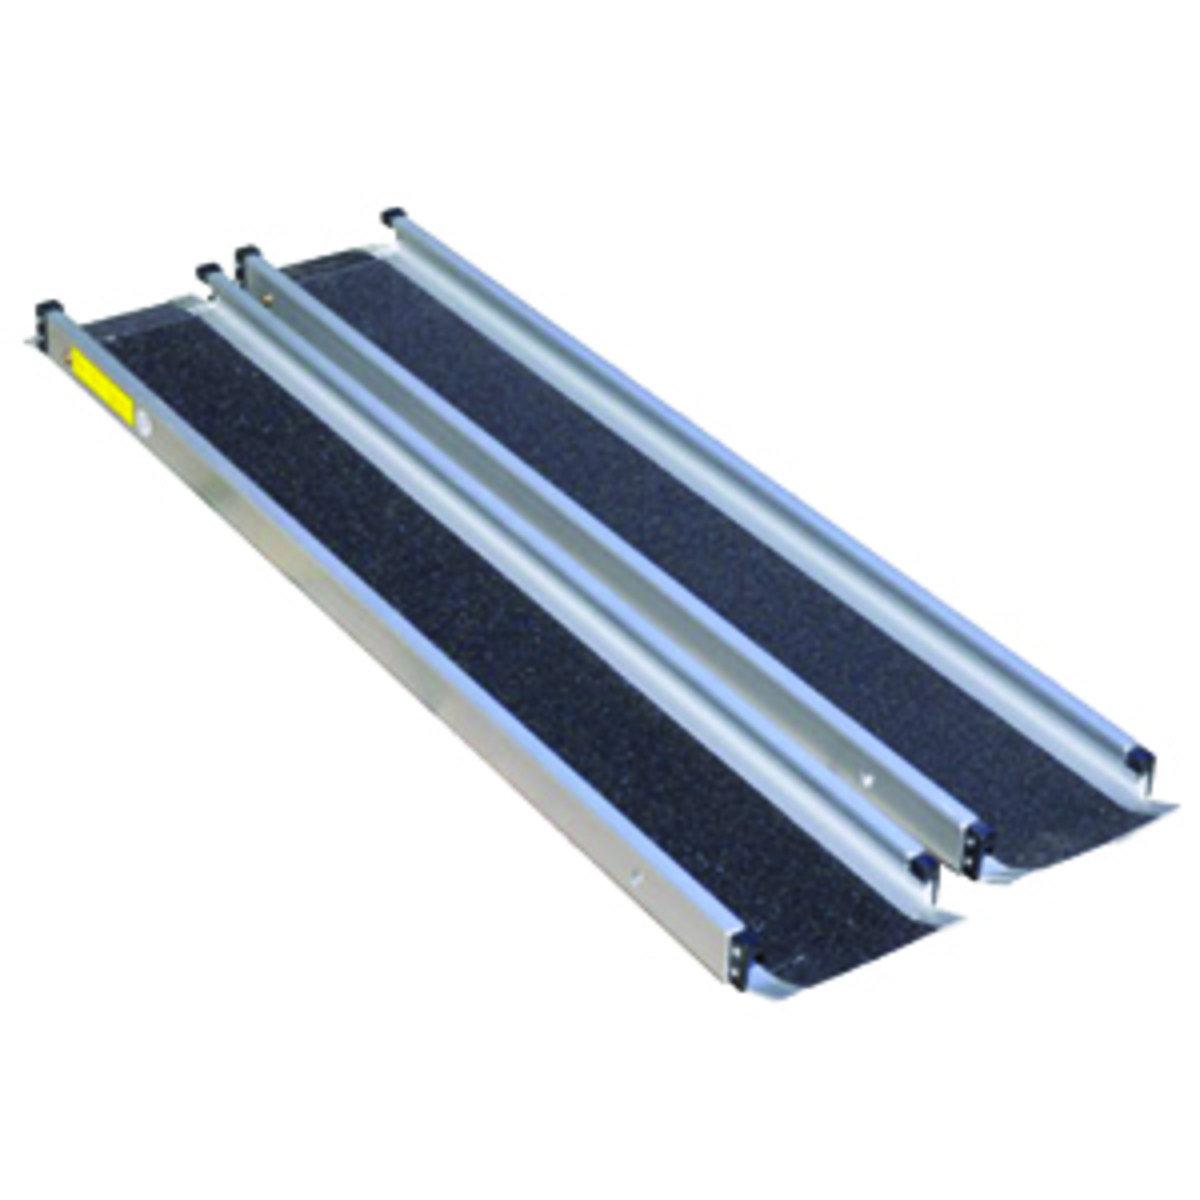 伸縮輪椅輔助斜板 (4英尺)